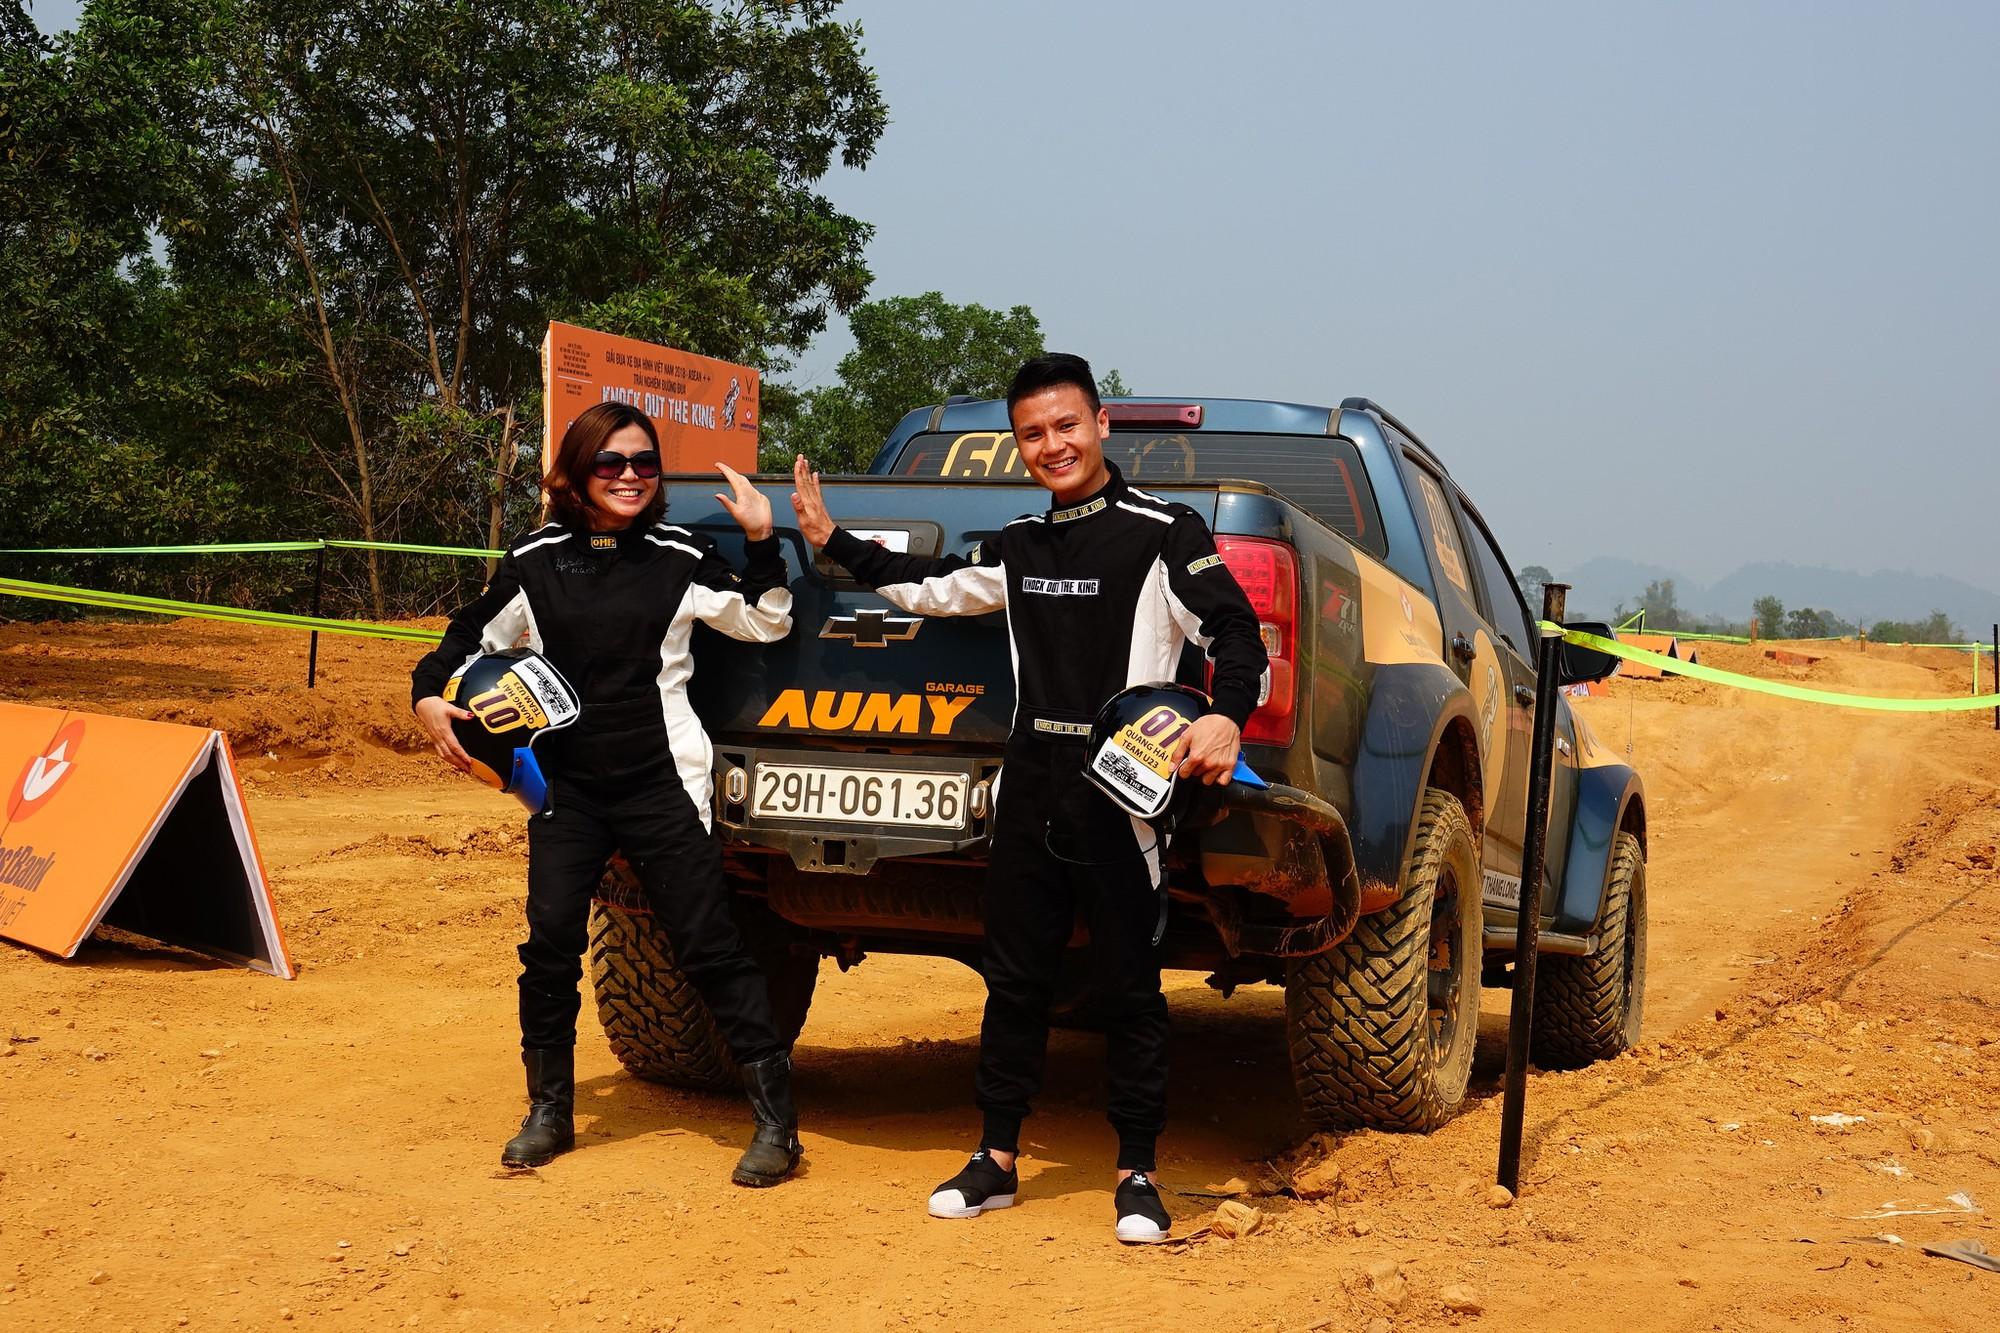 Nghĩa cử cao đẹp của Quang Hải khi tham gia giải đua xe địa hình đối kháng đầu tiên tại Việt Nam - Ảnh 3.